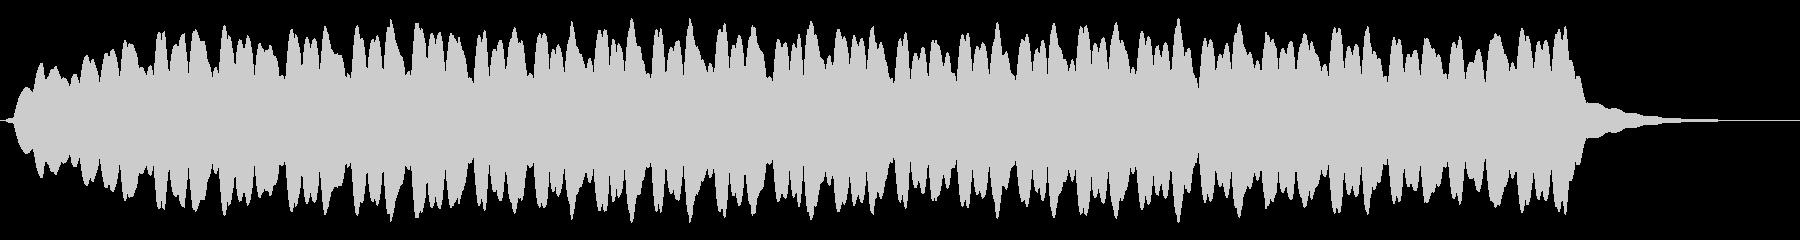 クリスタルゴブレットリムリンギングの未再生の波形